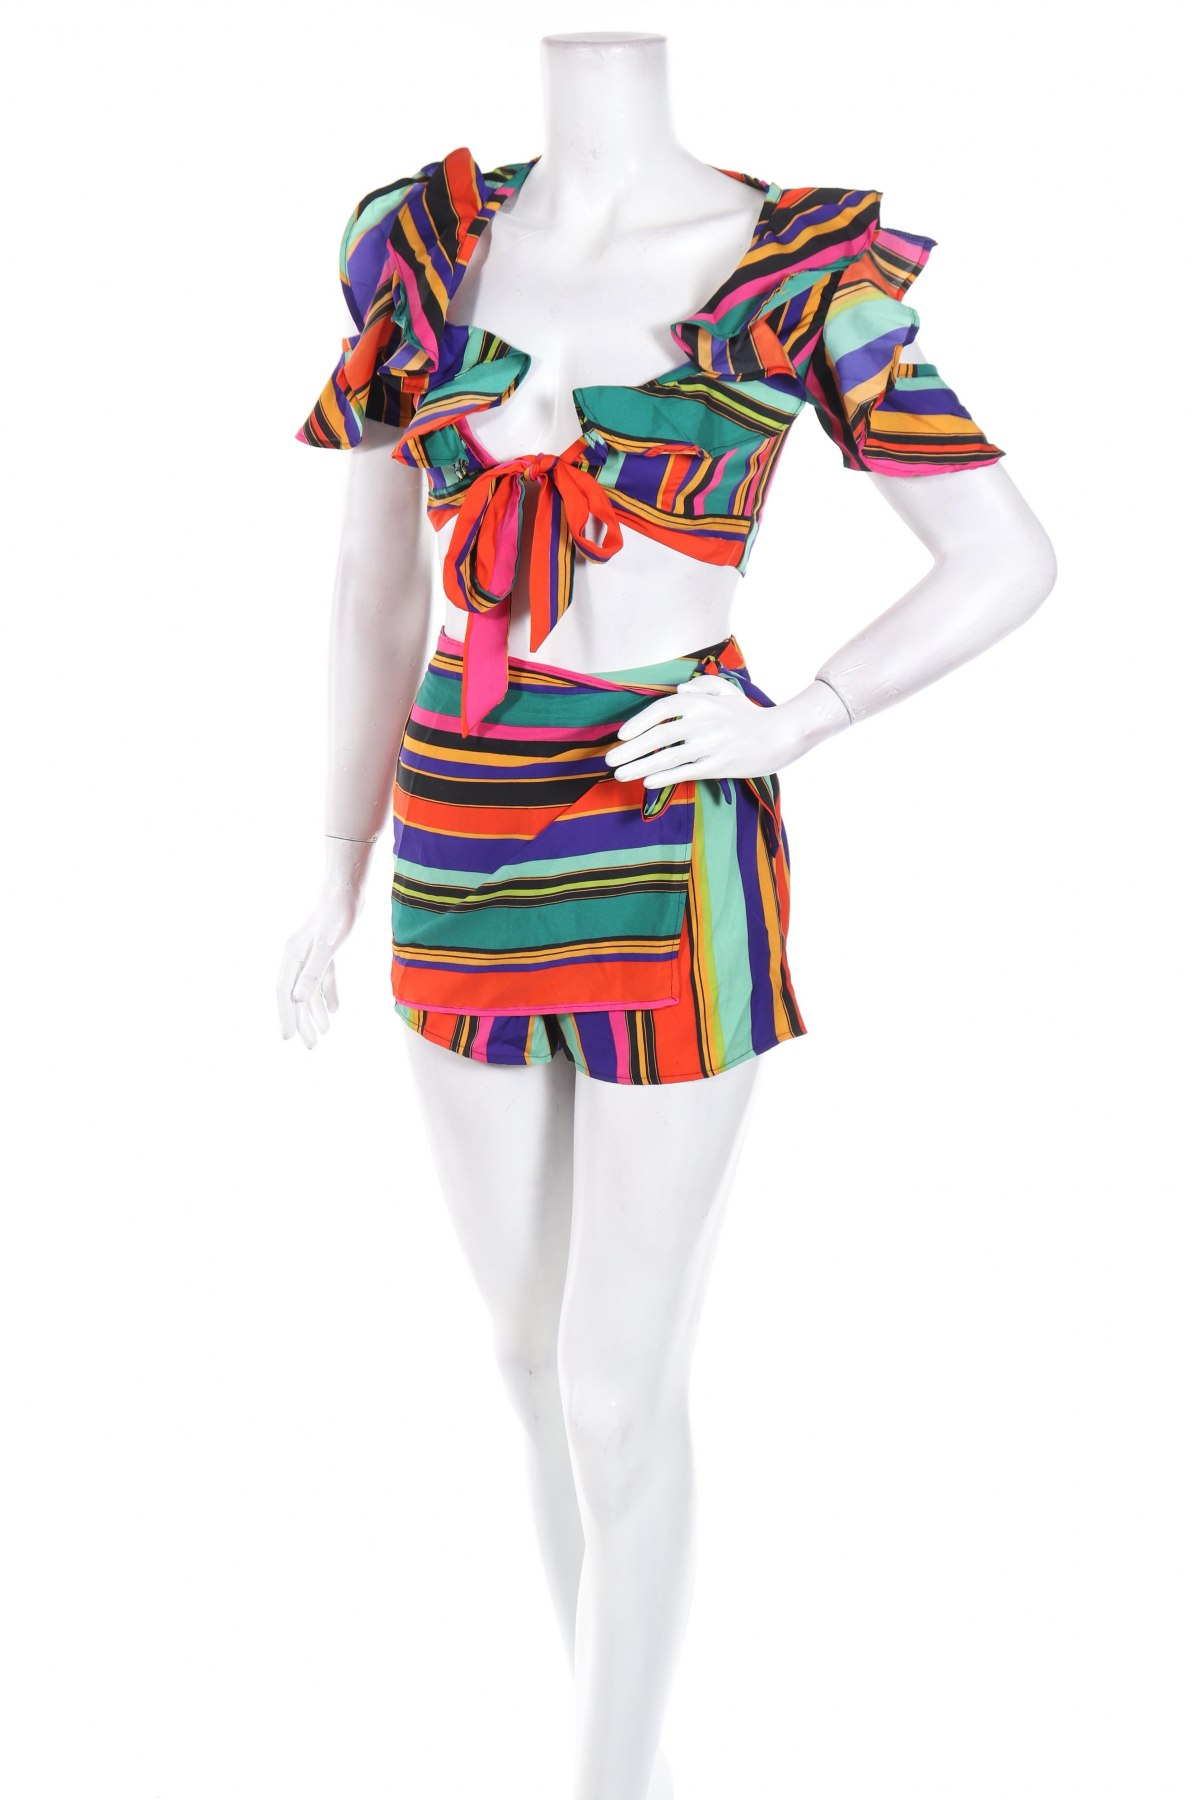 Дамски комплект Boohoo, Размер XXS, Цвят Многоцветен, Полиестер, Цена 7,92лв.